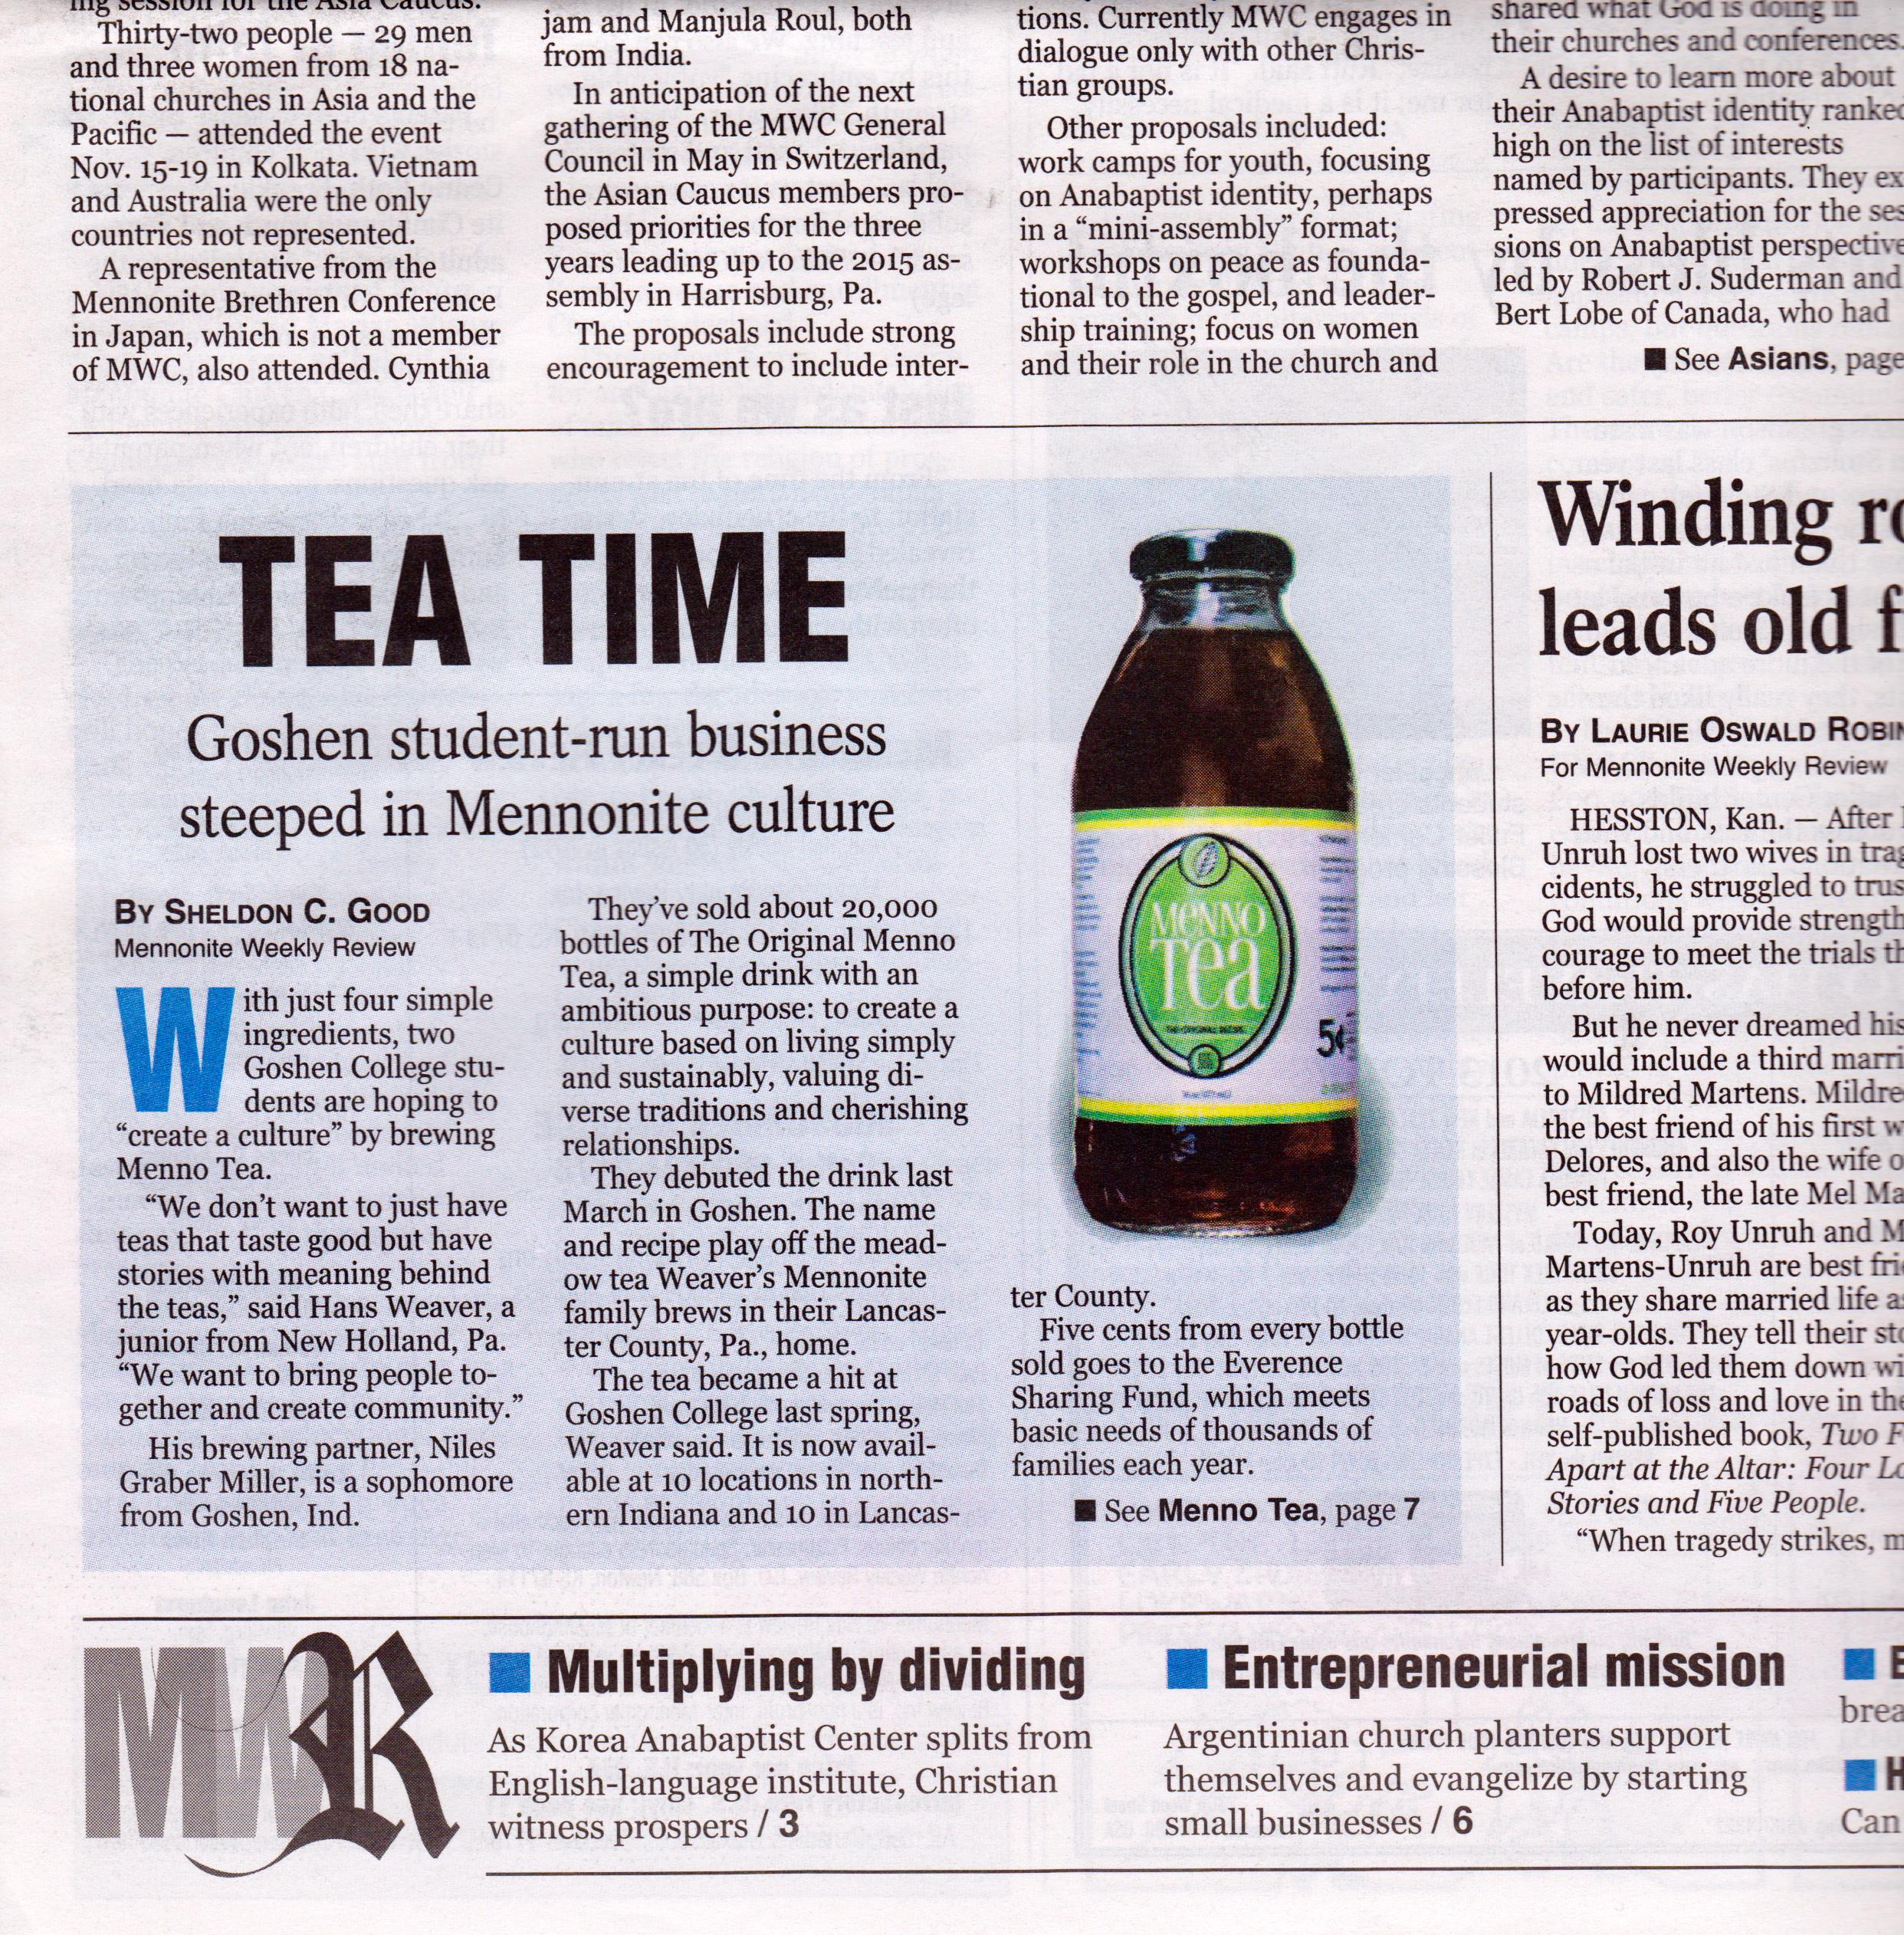 menno-tea-mennonite-weekly